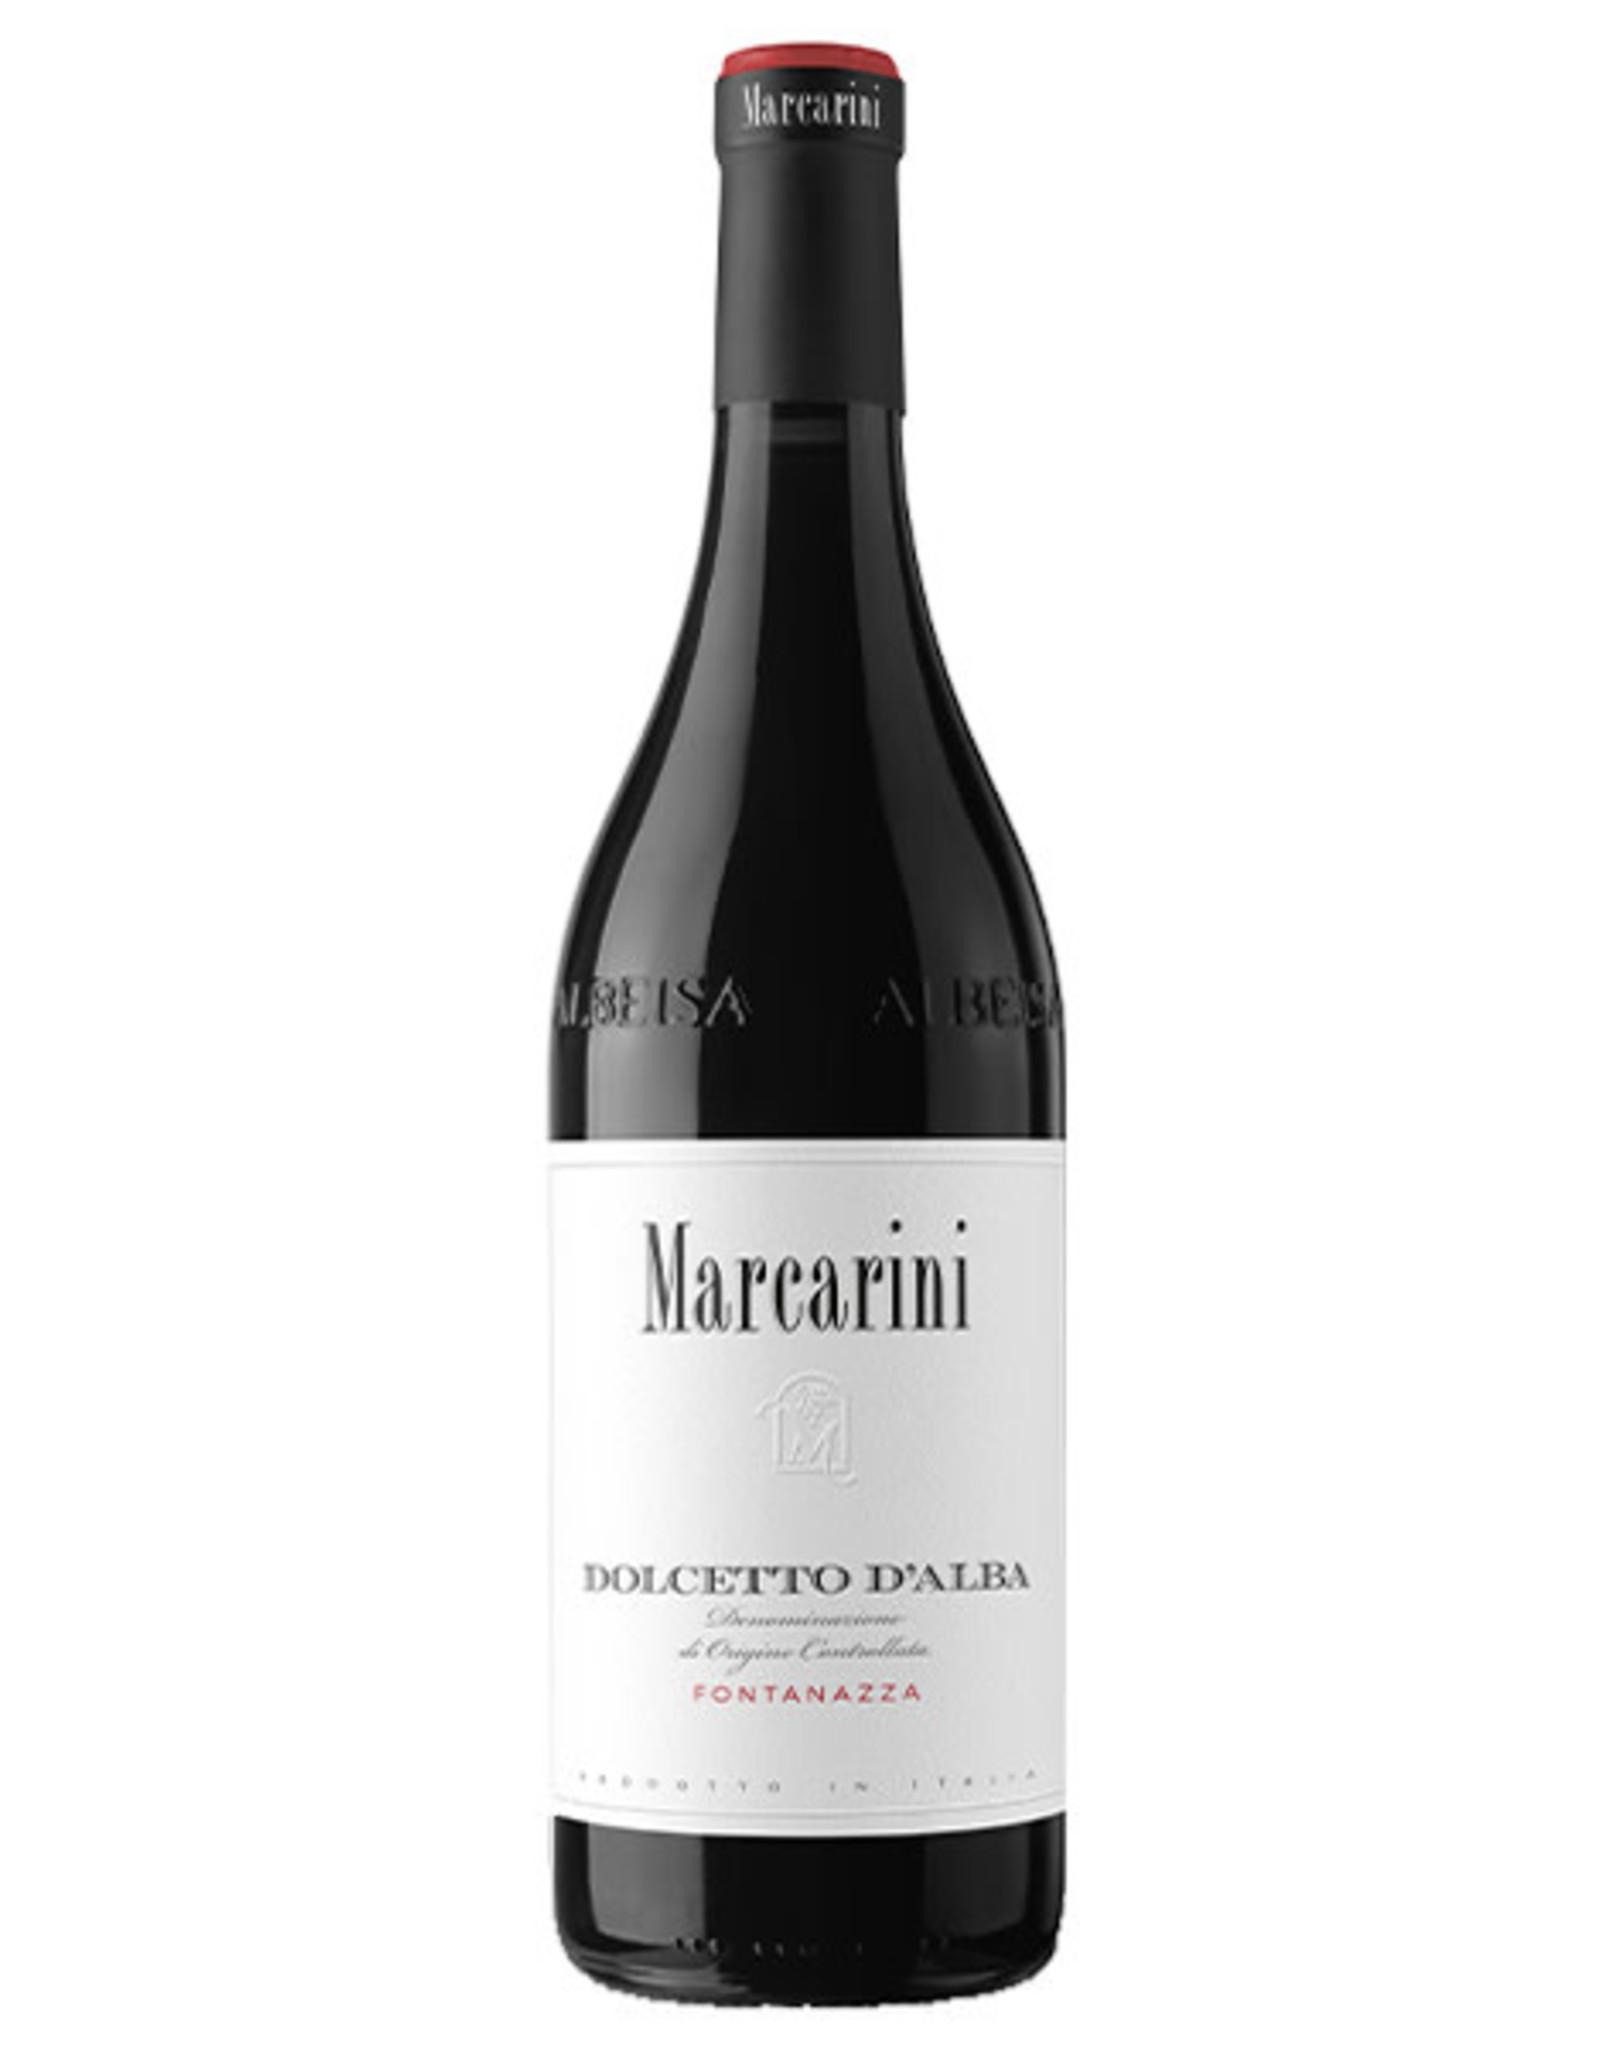 Marcarini Marcarini Dolcetto d'Alba Fontanazza (2015)